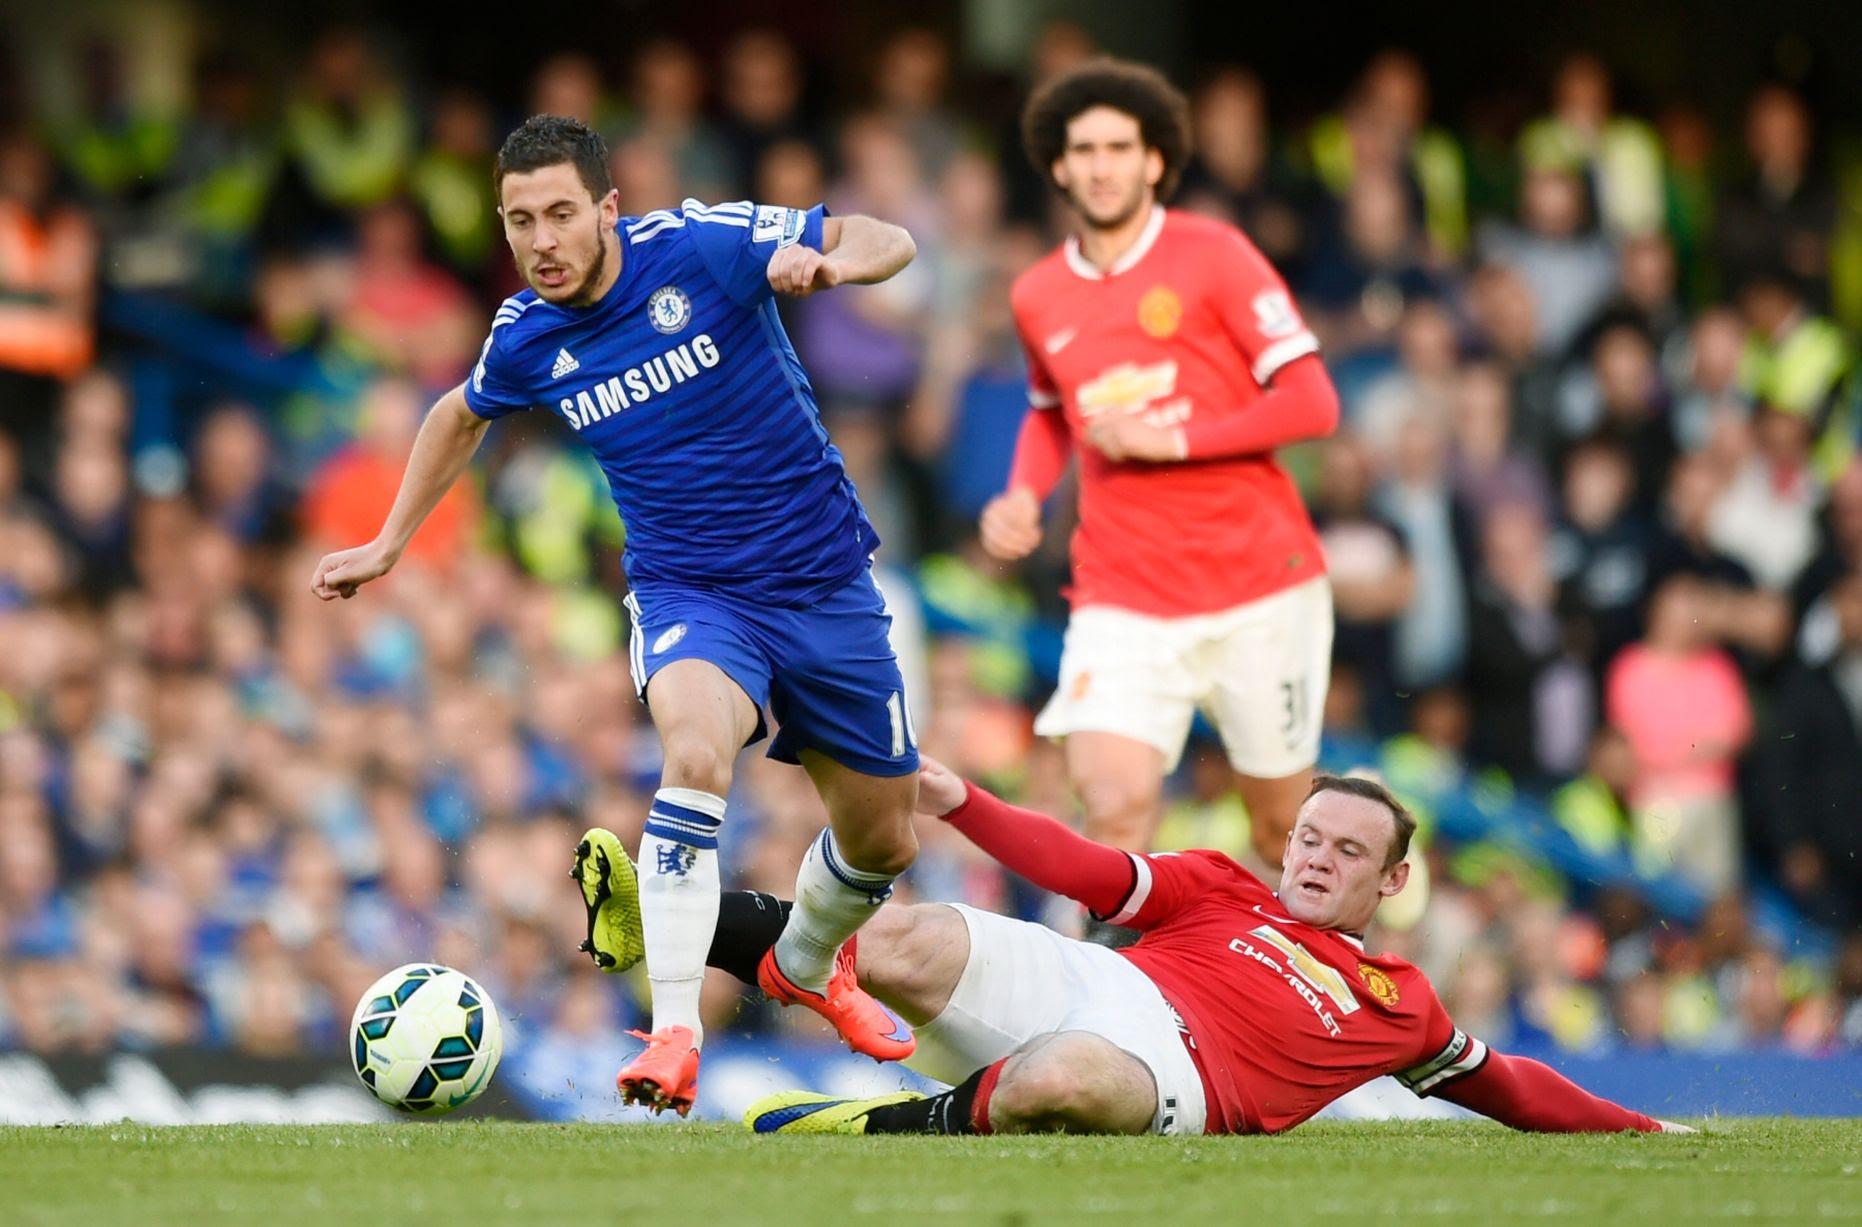 El Chelsea acaricia el título tras imponerse al United